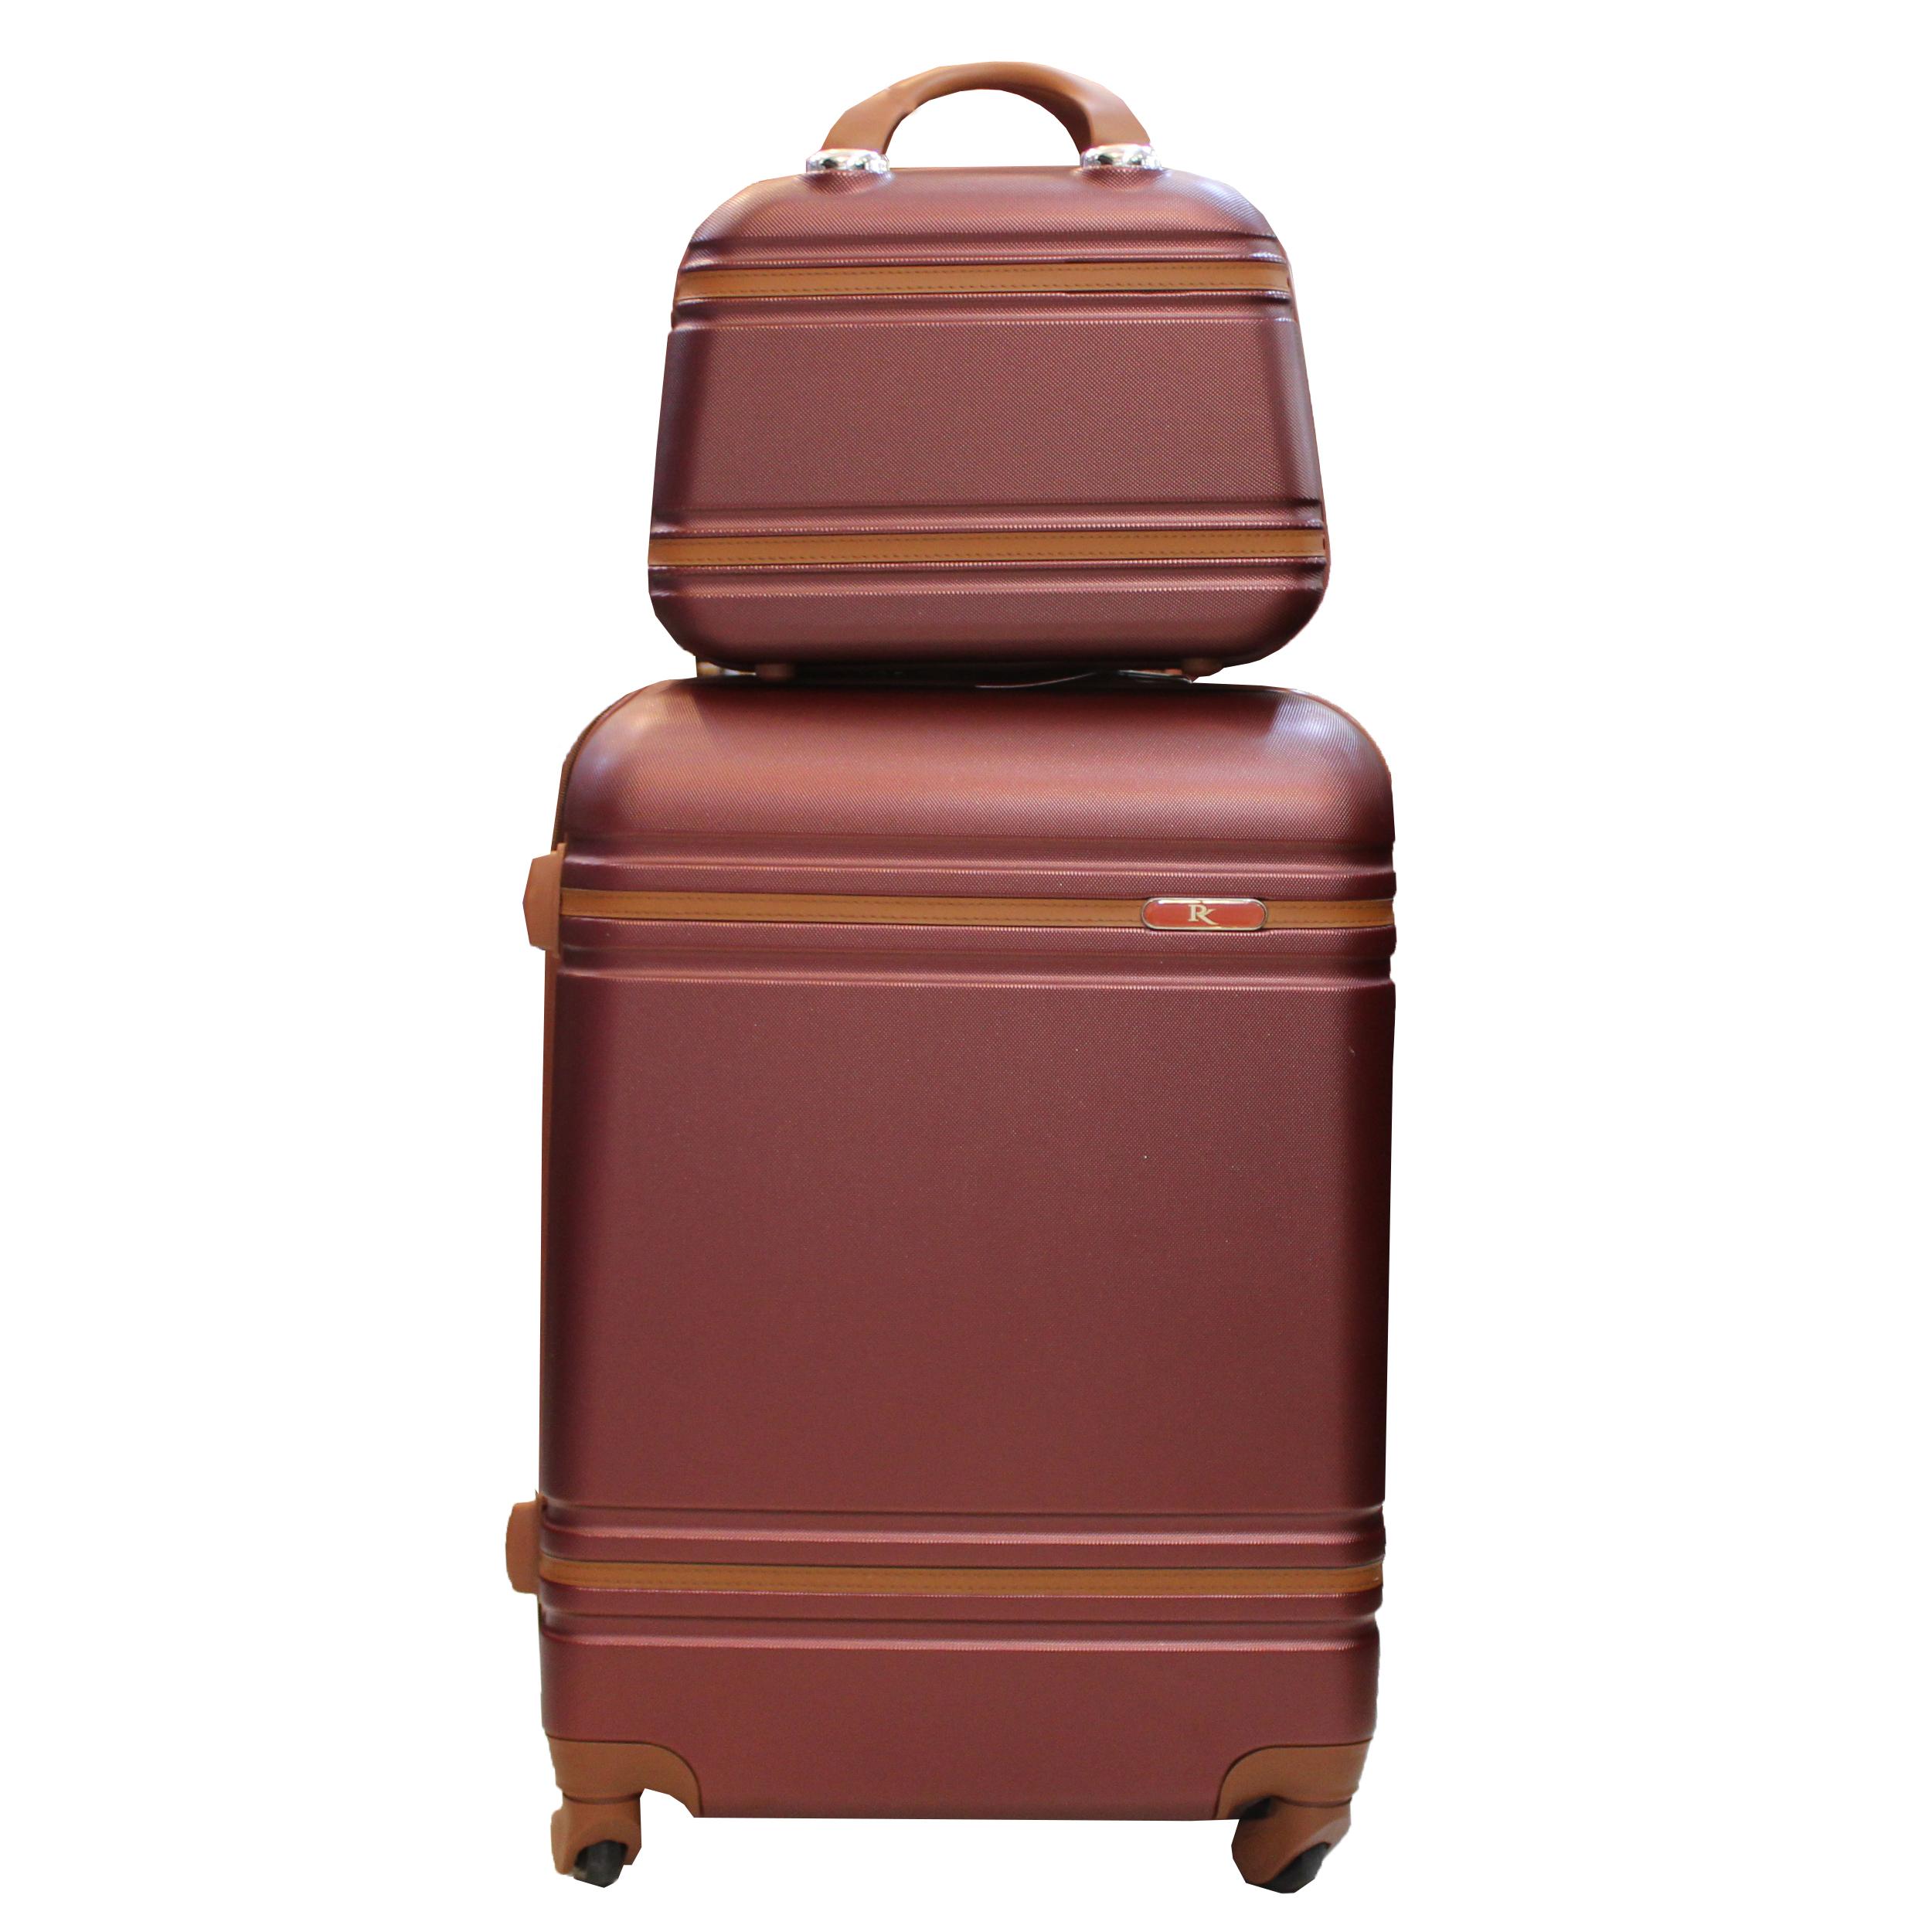 مجموعه دو عددی چمدان پی کی کد PK02